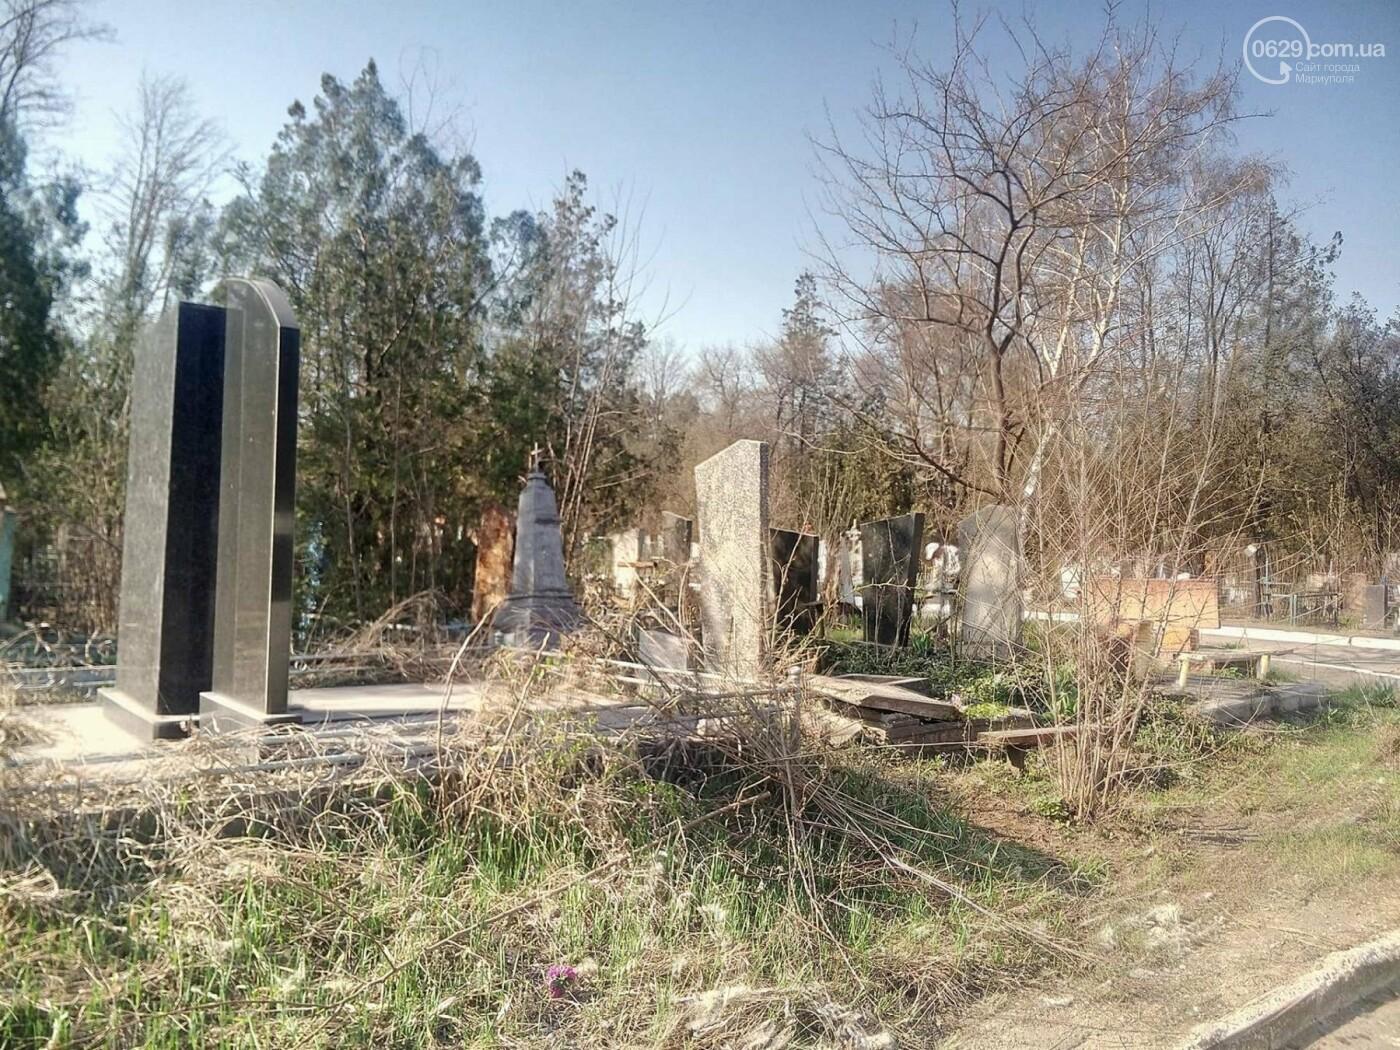 Поминальные дни: мариупольцы массово посетили городские кладбища (ФОТО), фото-9